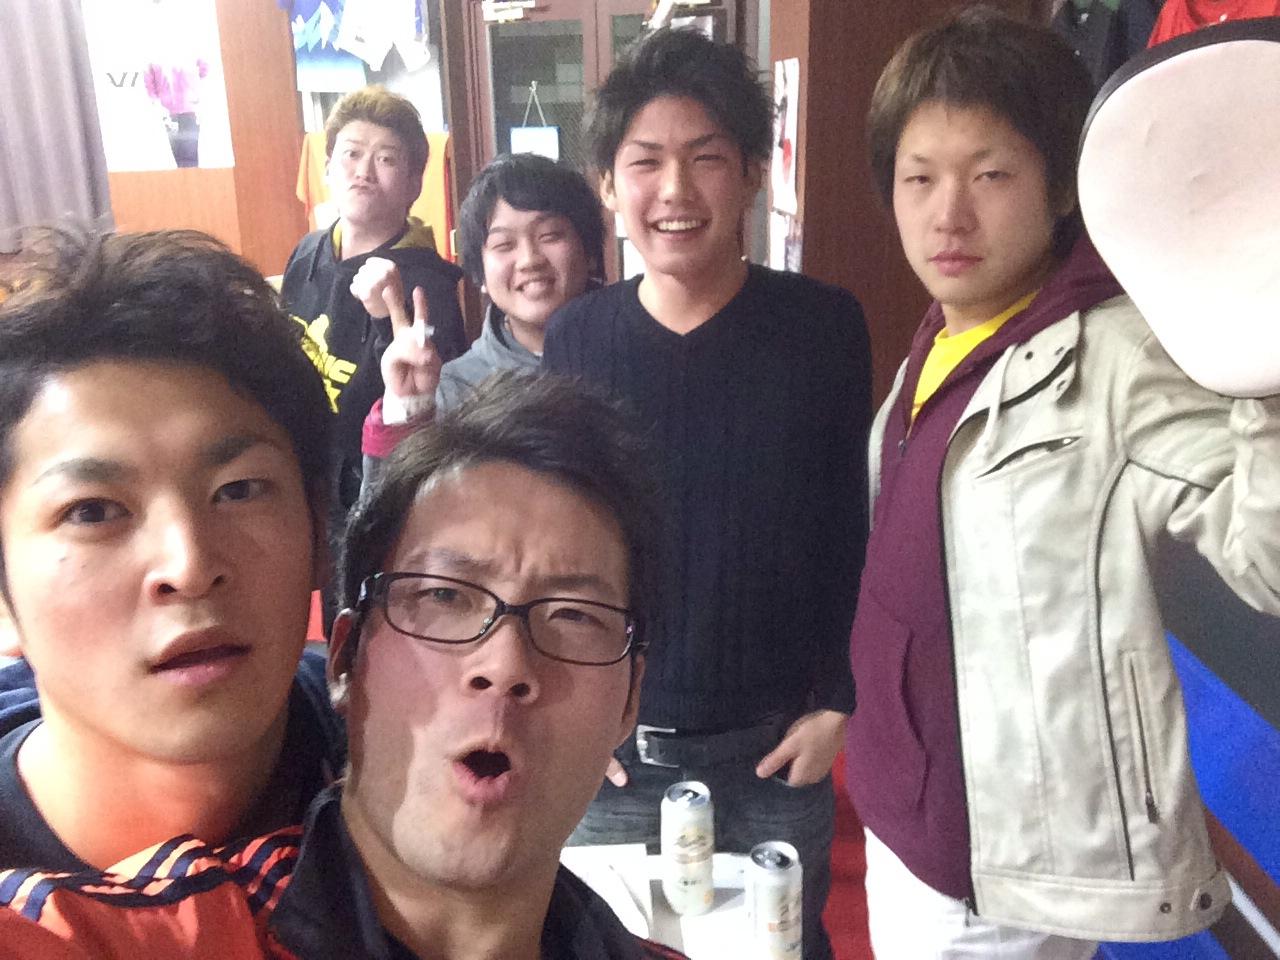 集合写真!忘年会楽しすぎましたヽ(^o^)丿